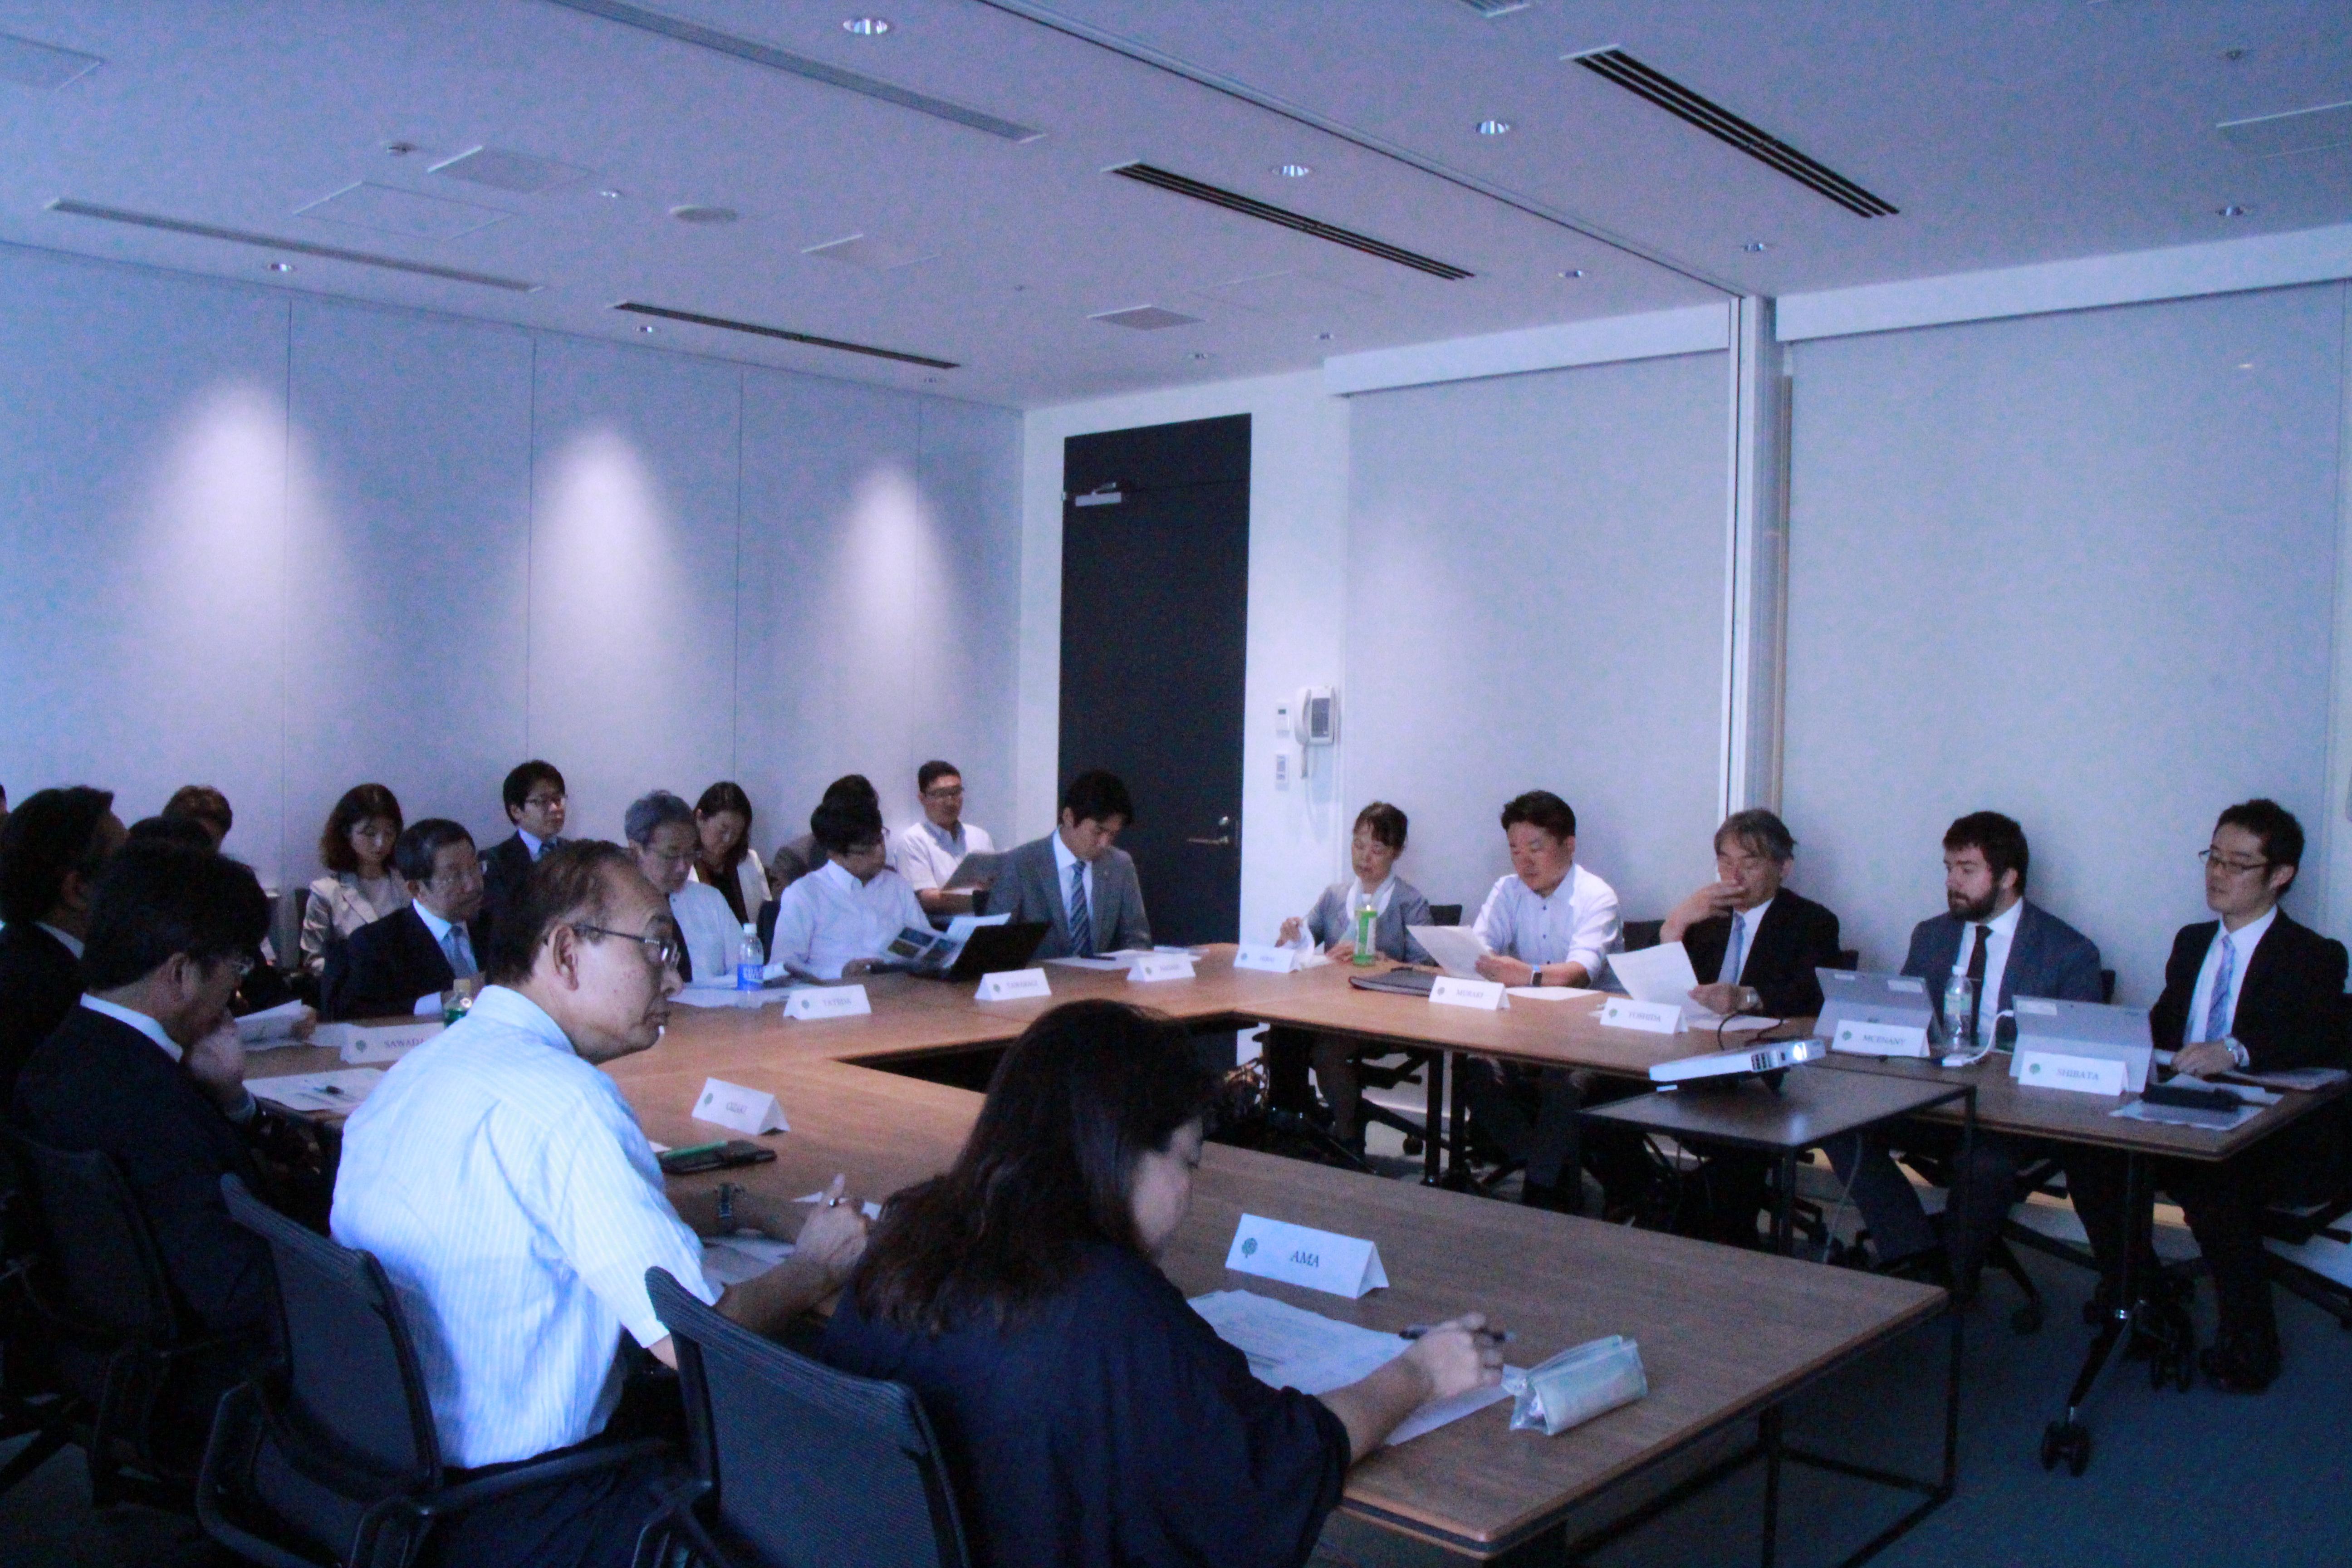 【開催報告】AMRアライアンス・ジャパン:アドボカシー活動開始に向けた準備会合(2019年7月26日)